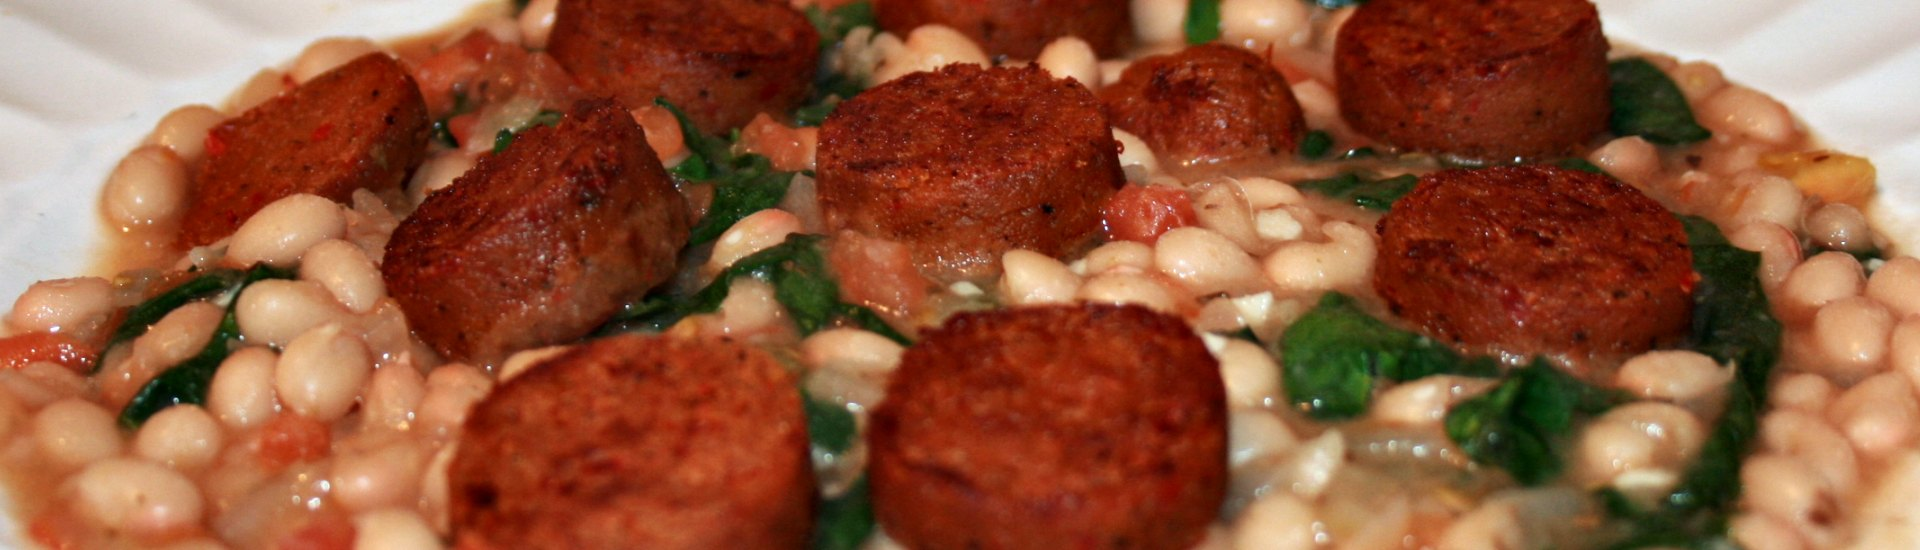 Haricots blancs, épinards et saucisses Gusta